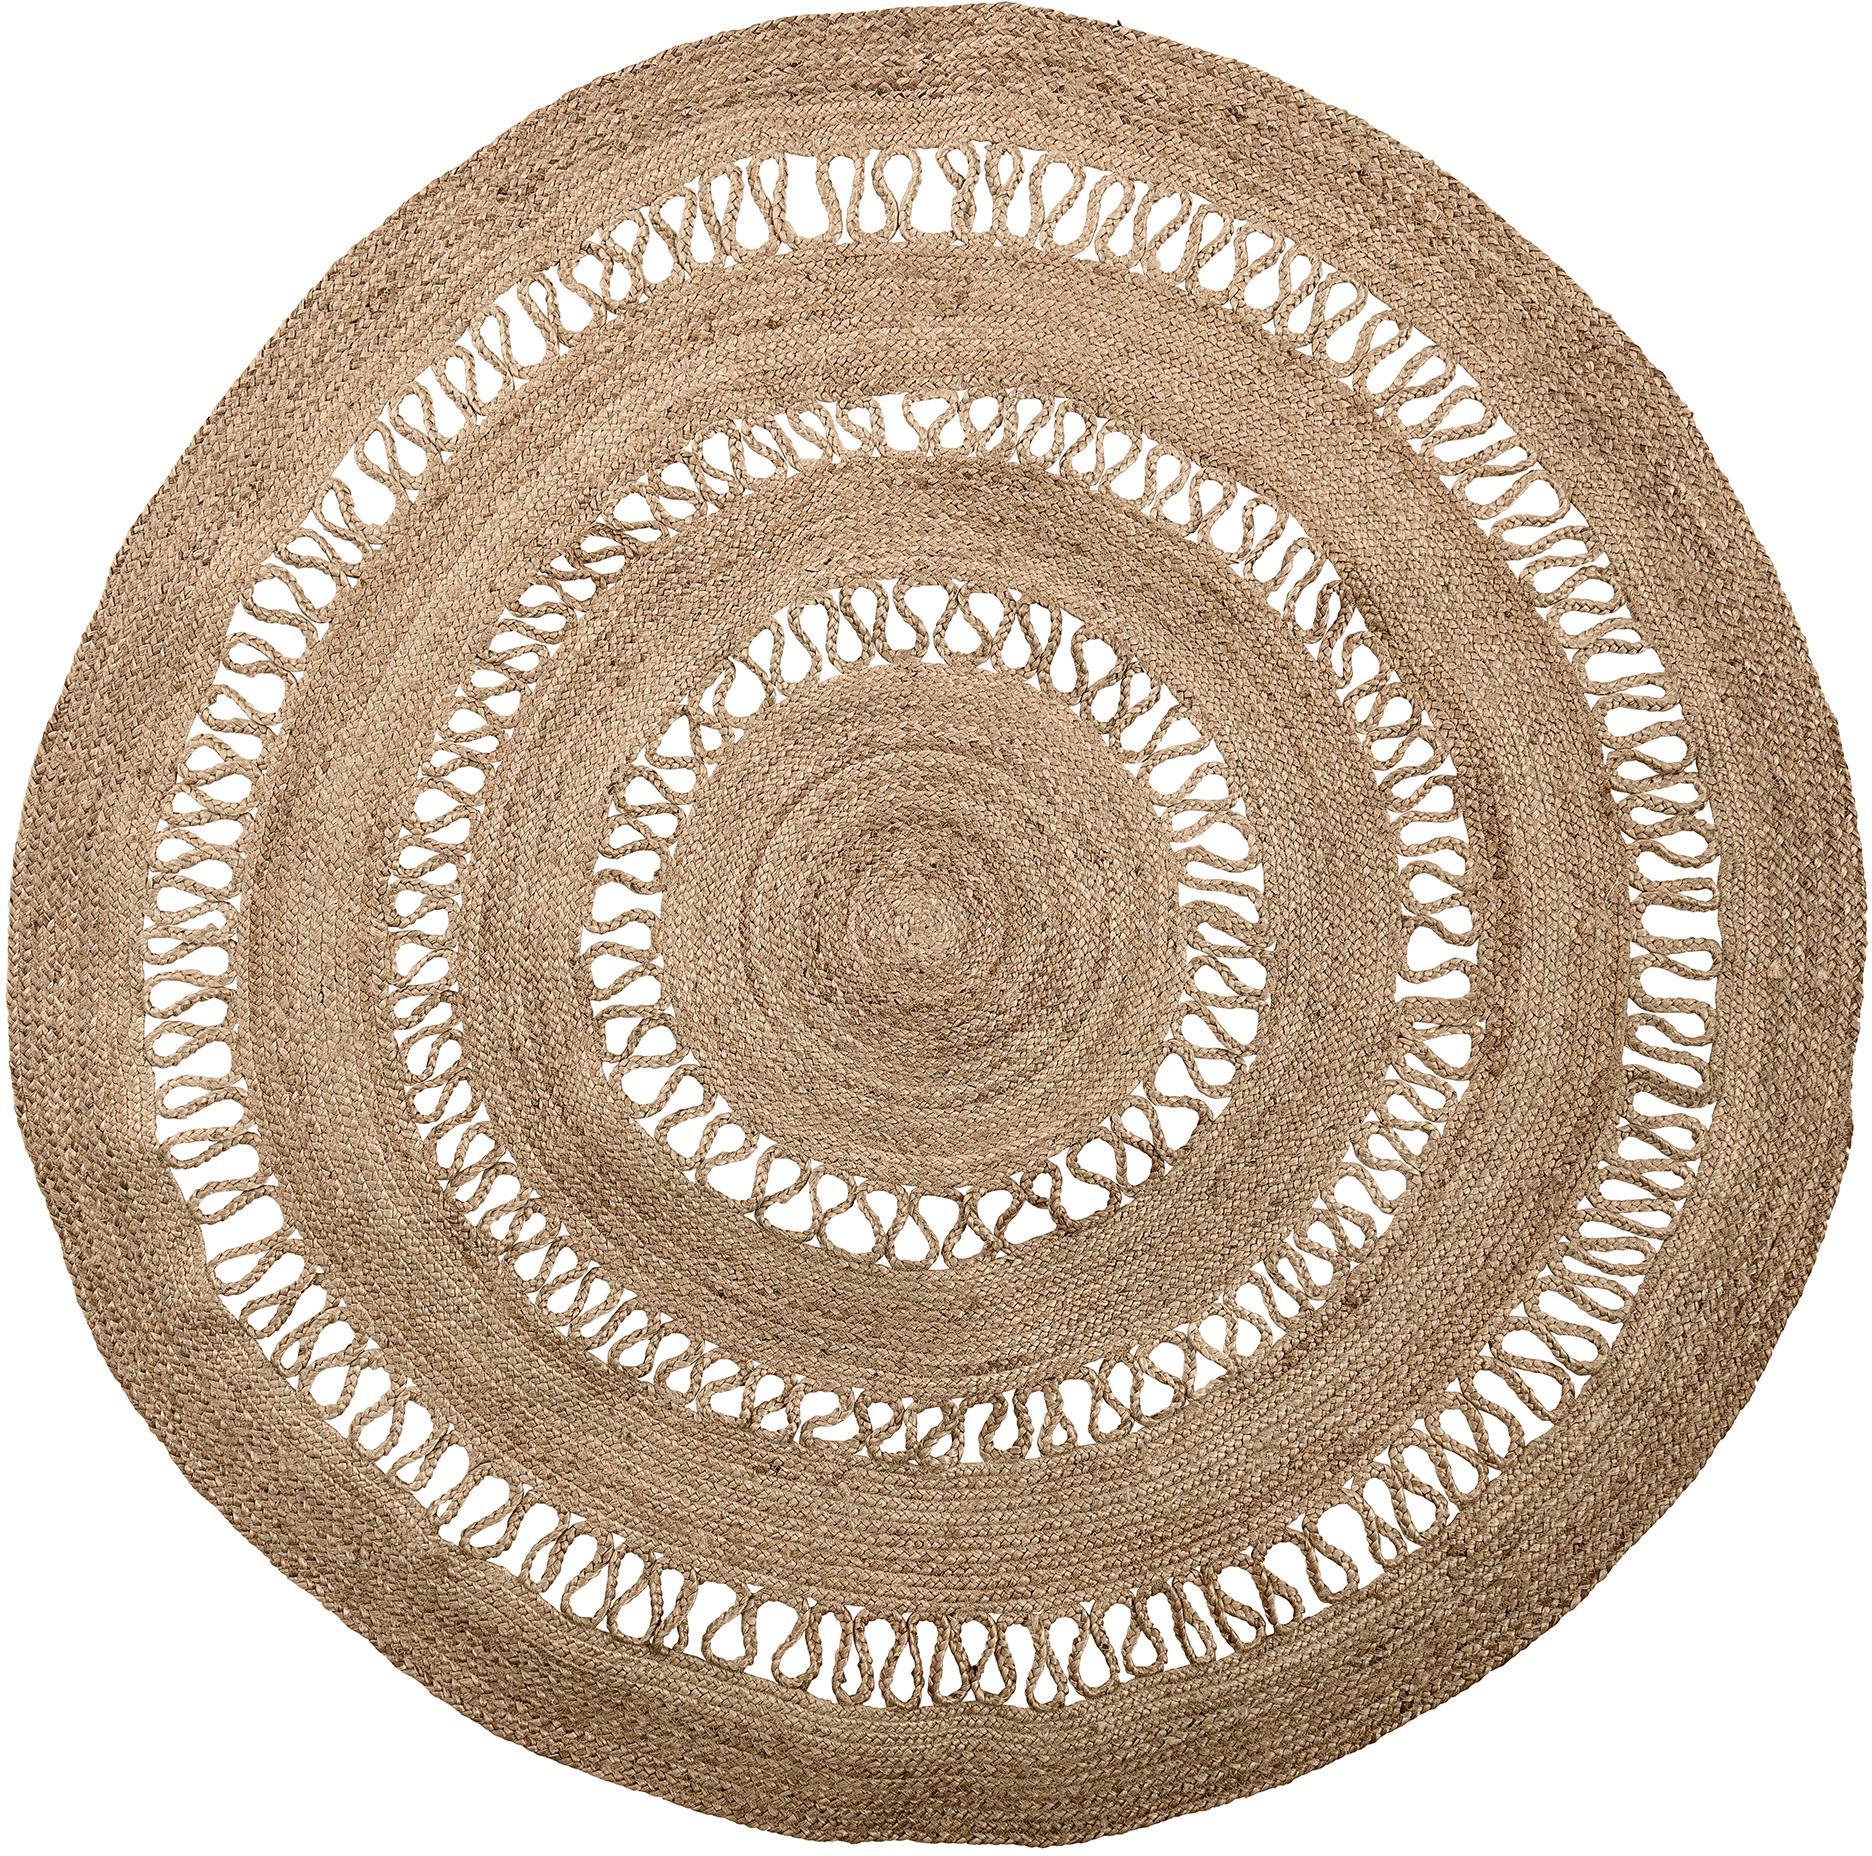 Rond juten vloerkleed Benita in boho stijl, Jutekleurig, Ø 182 cm (maat L)